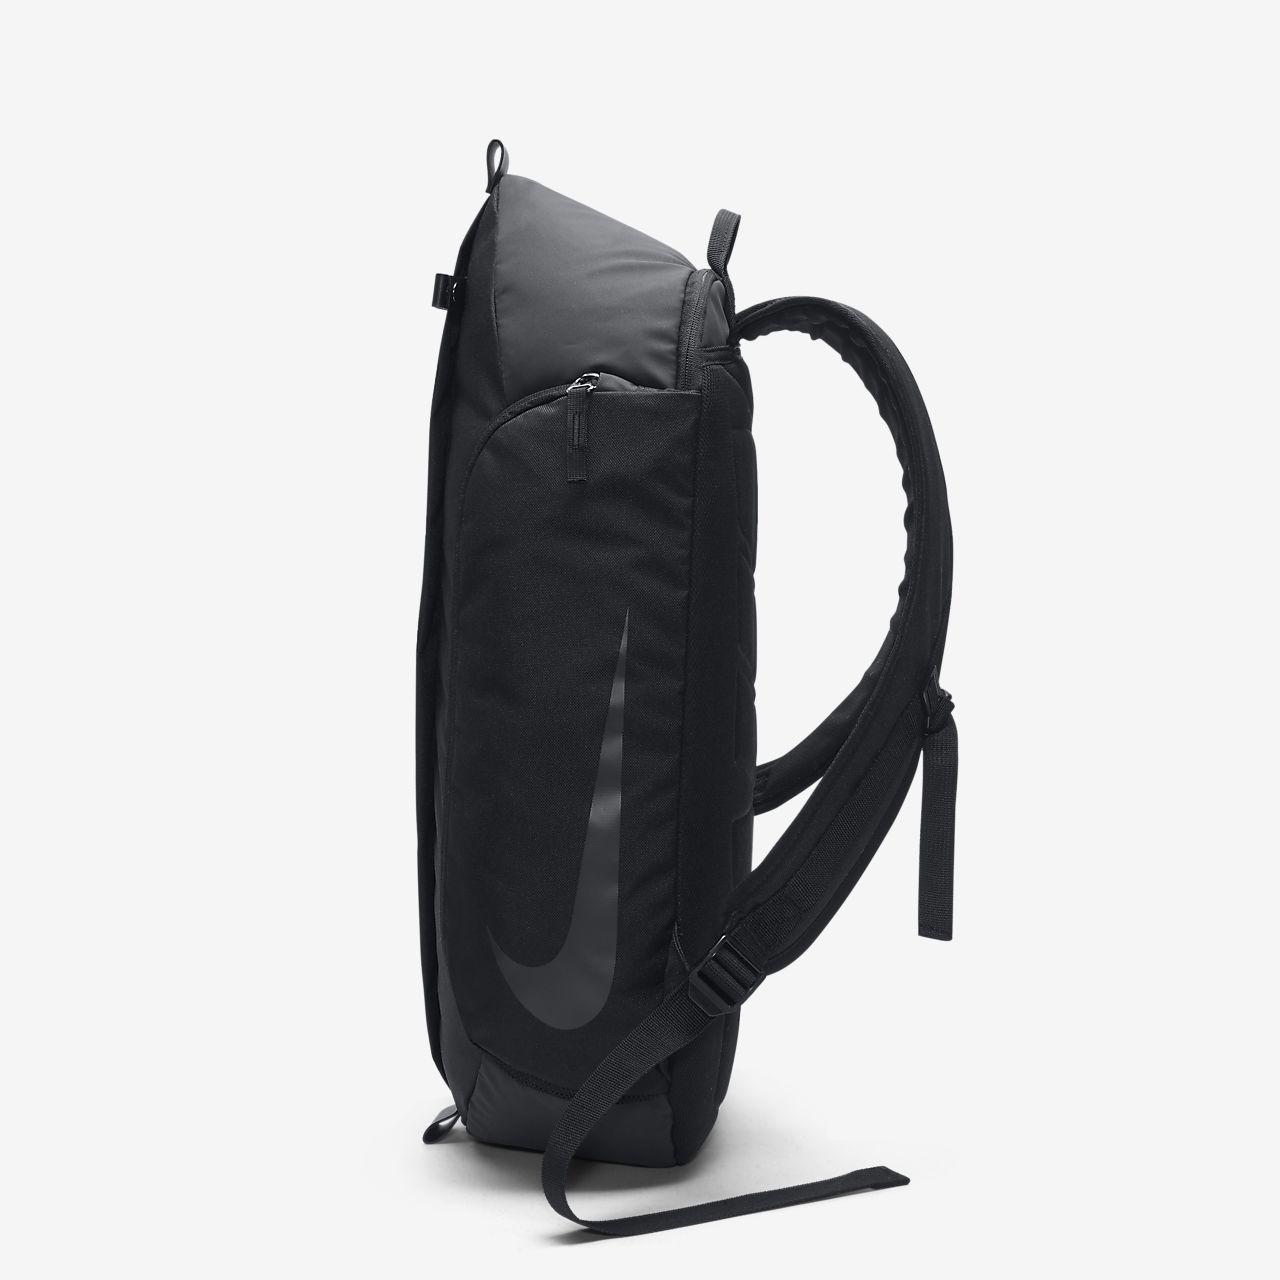 9573dec85e00 Nike FB Centerline Football Backpack. Nike.com AU